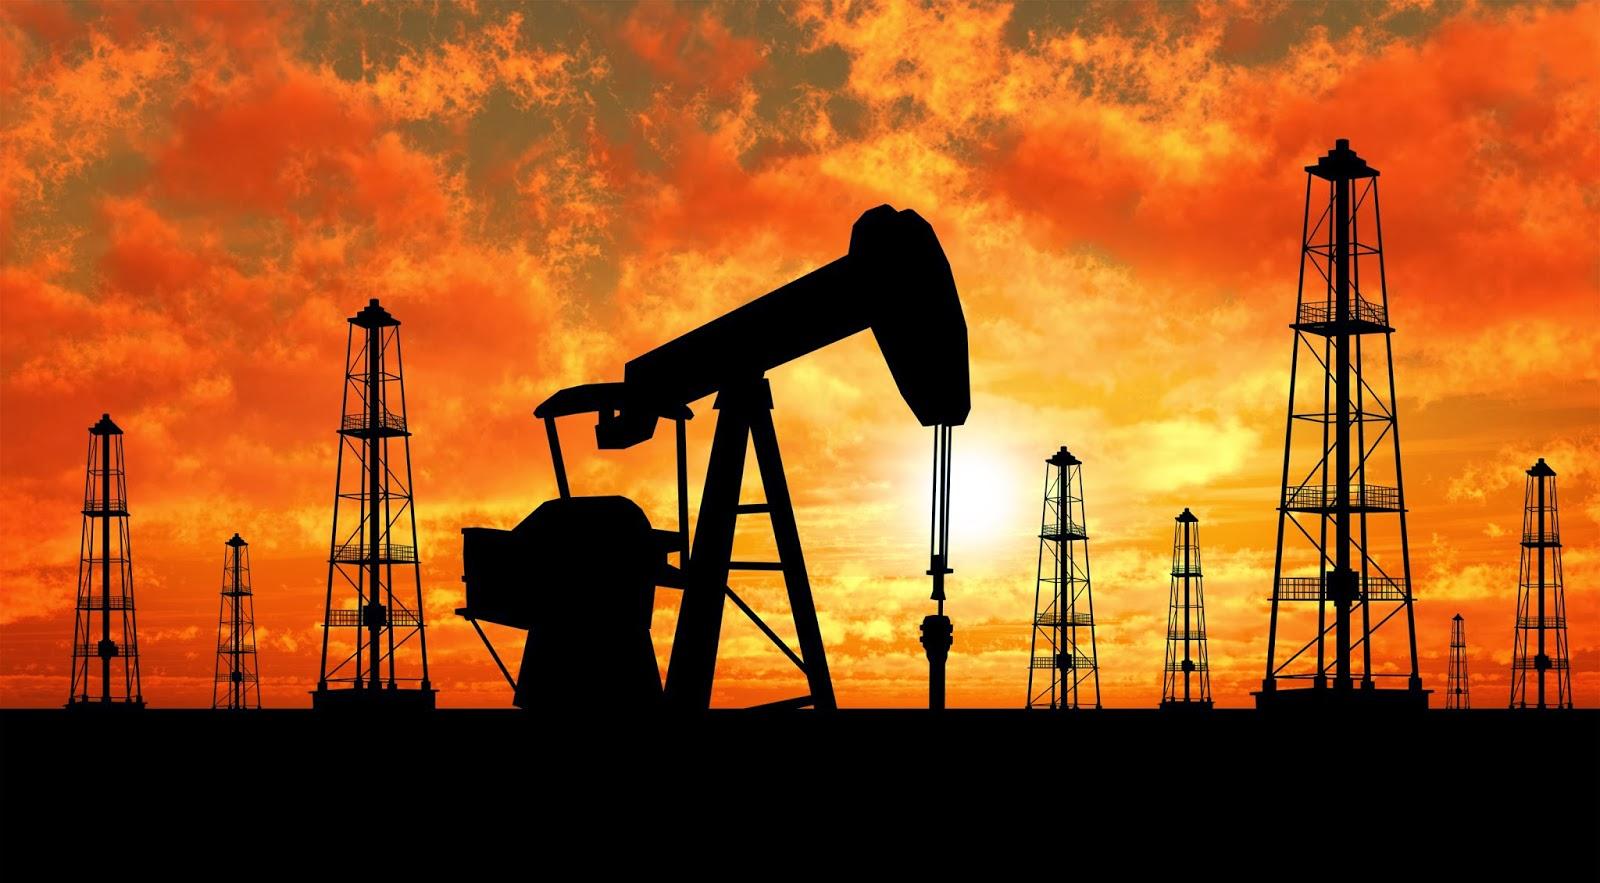 مدل جدید قراردادهای نفتی فردا با حضور نمایندگان شرکتهای بینالمللی رونمایی میشود